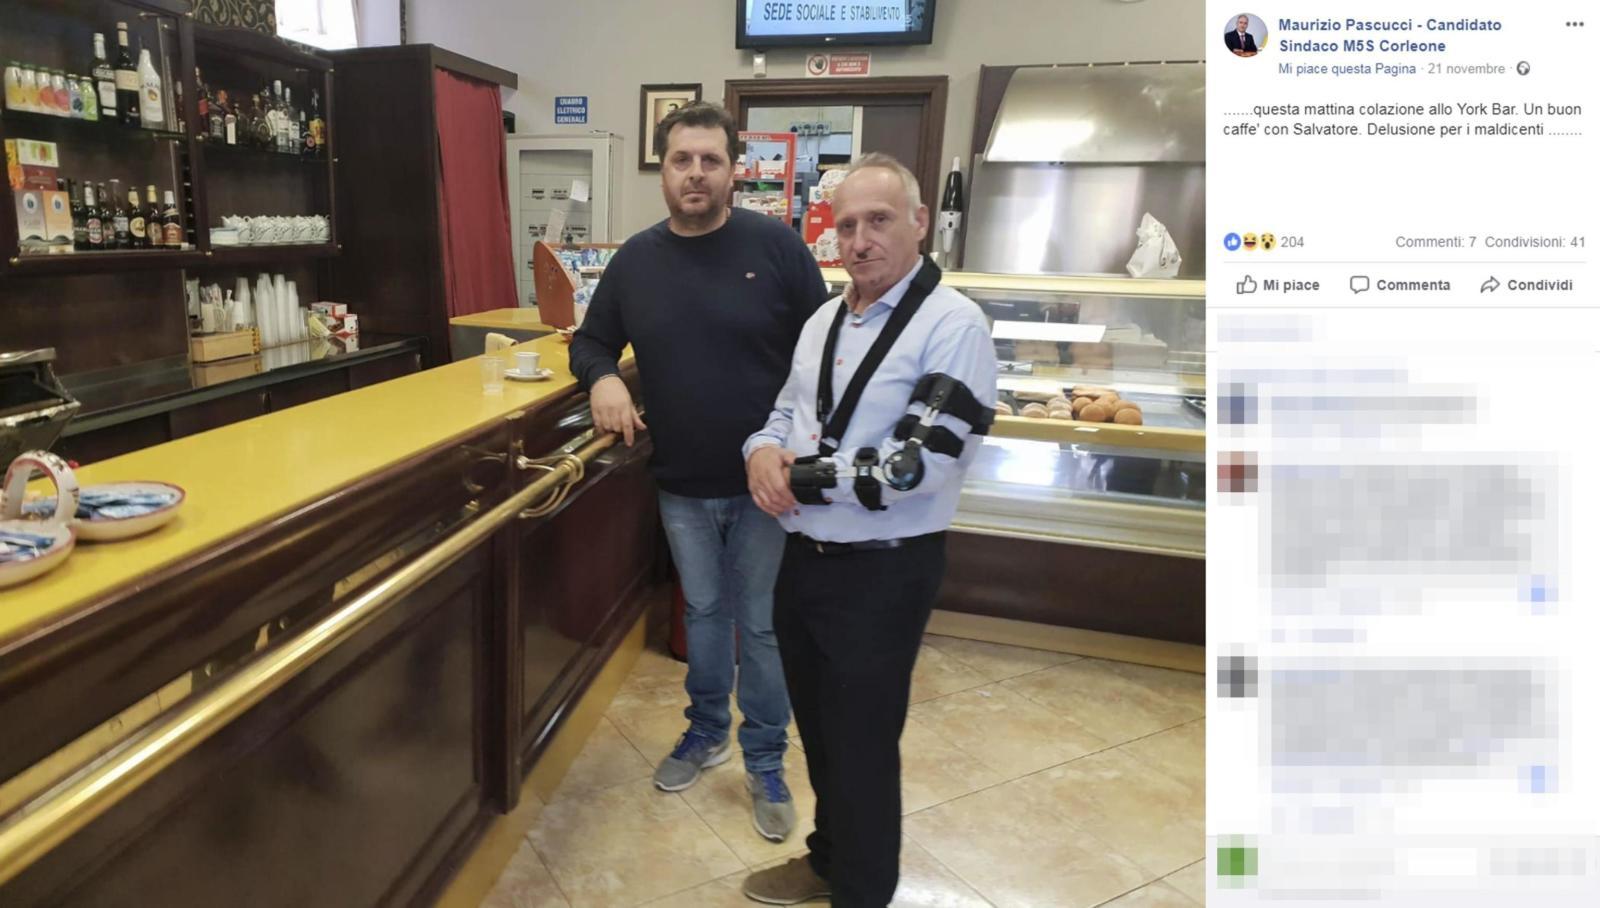 Mafia, foto al bar con nipote di Provenzano: è bufera tra Di Maio e candidato sindaco M5S